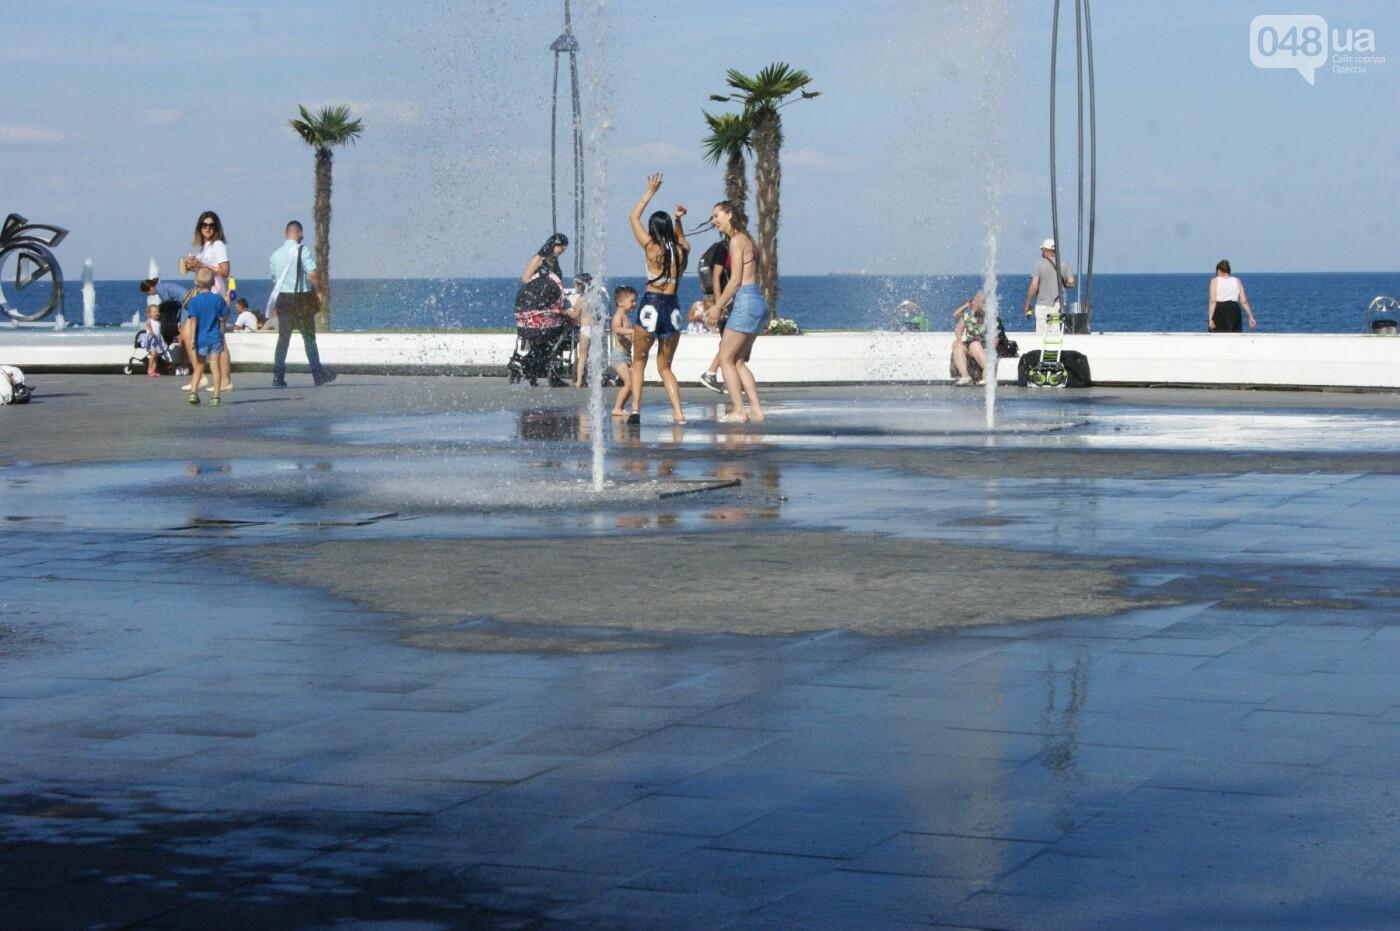 Пляжная ревизия: Что и почем на одесском Ланжероне, - ФОТО, фото-5